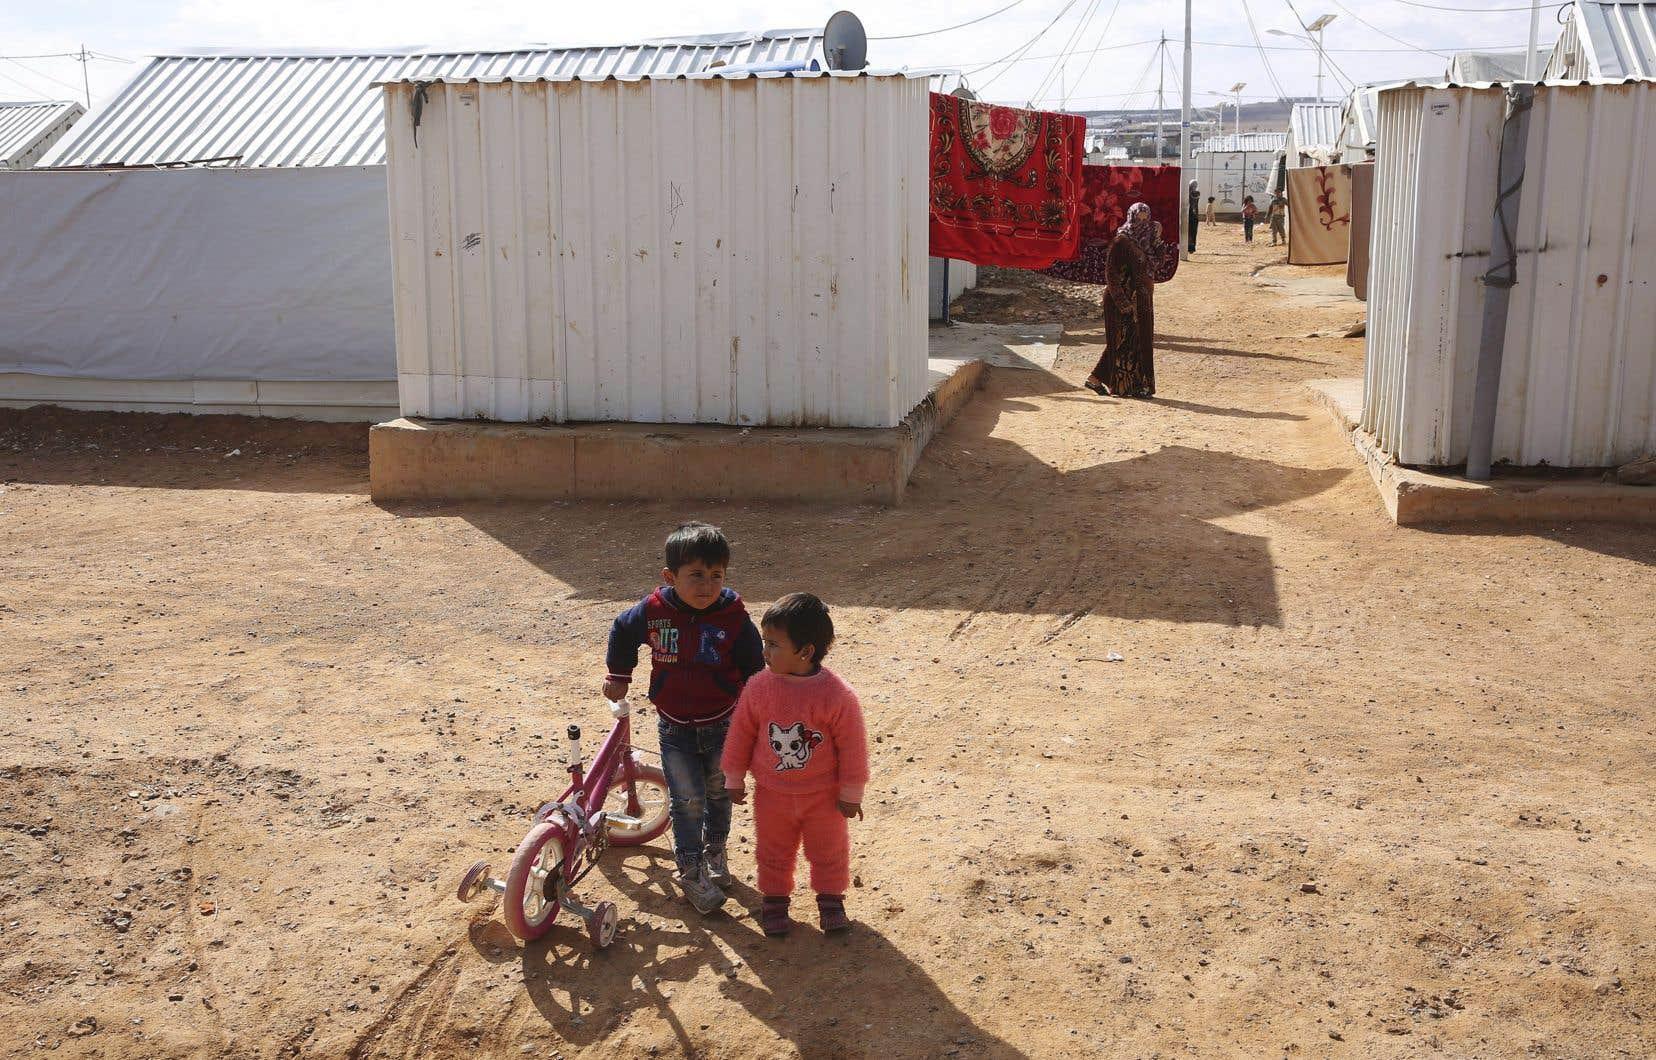 Deux enfants jouent dans un camp pour réfugiés syriens à Azraq, en Jordanie.